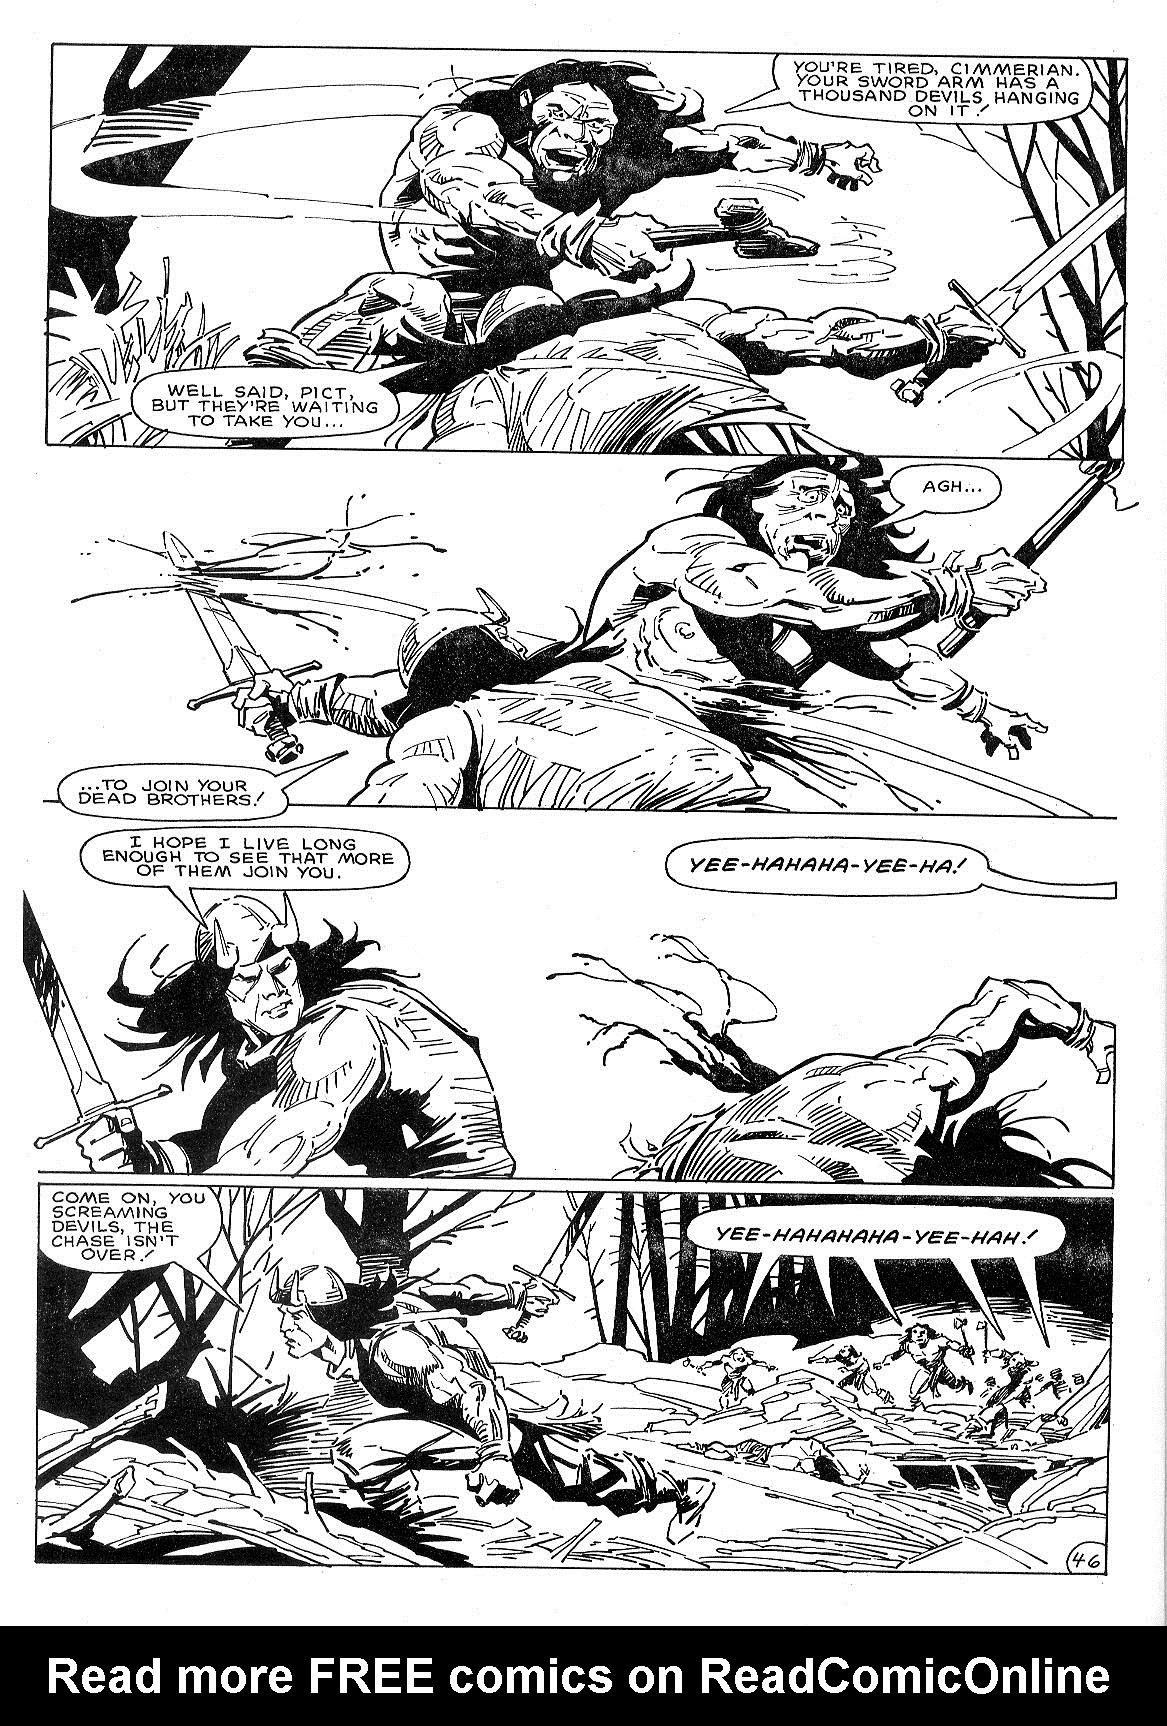 dXRULzcAHk #93 - English 52